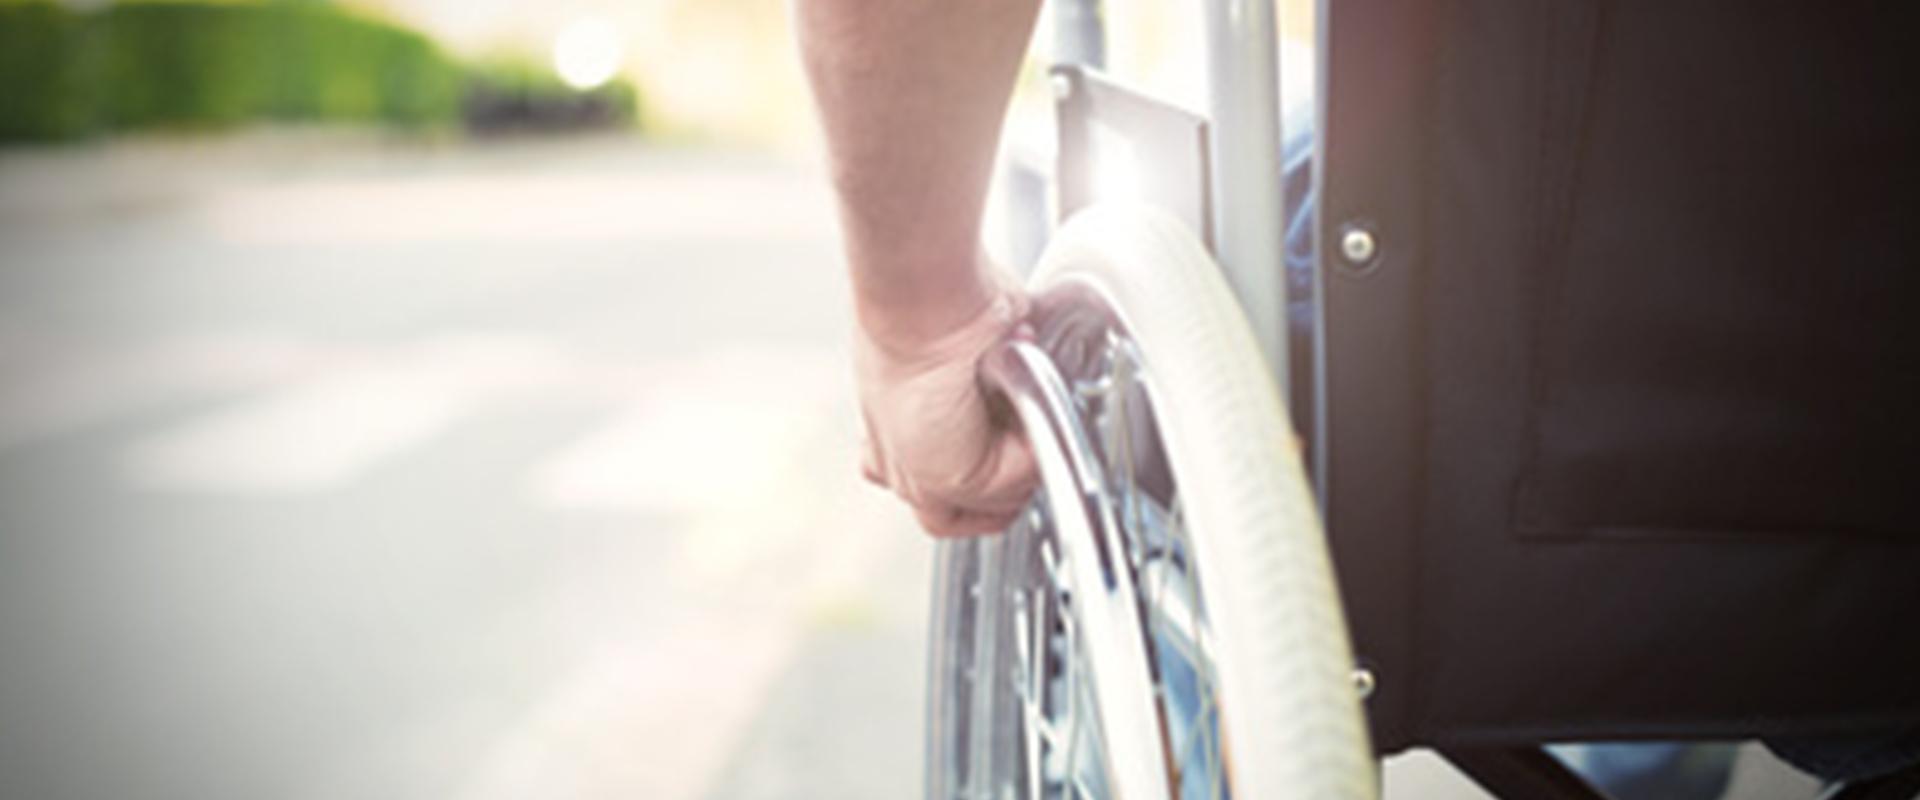 Location-fauteuil-roulant-pharmacie-deleau-ligniere-chatelain-poix-de-picardie-aumale